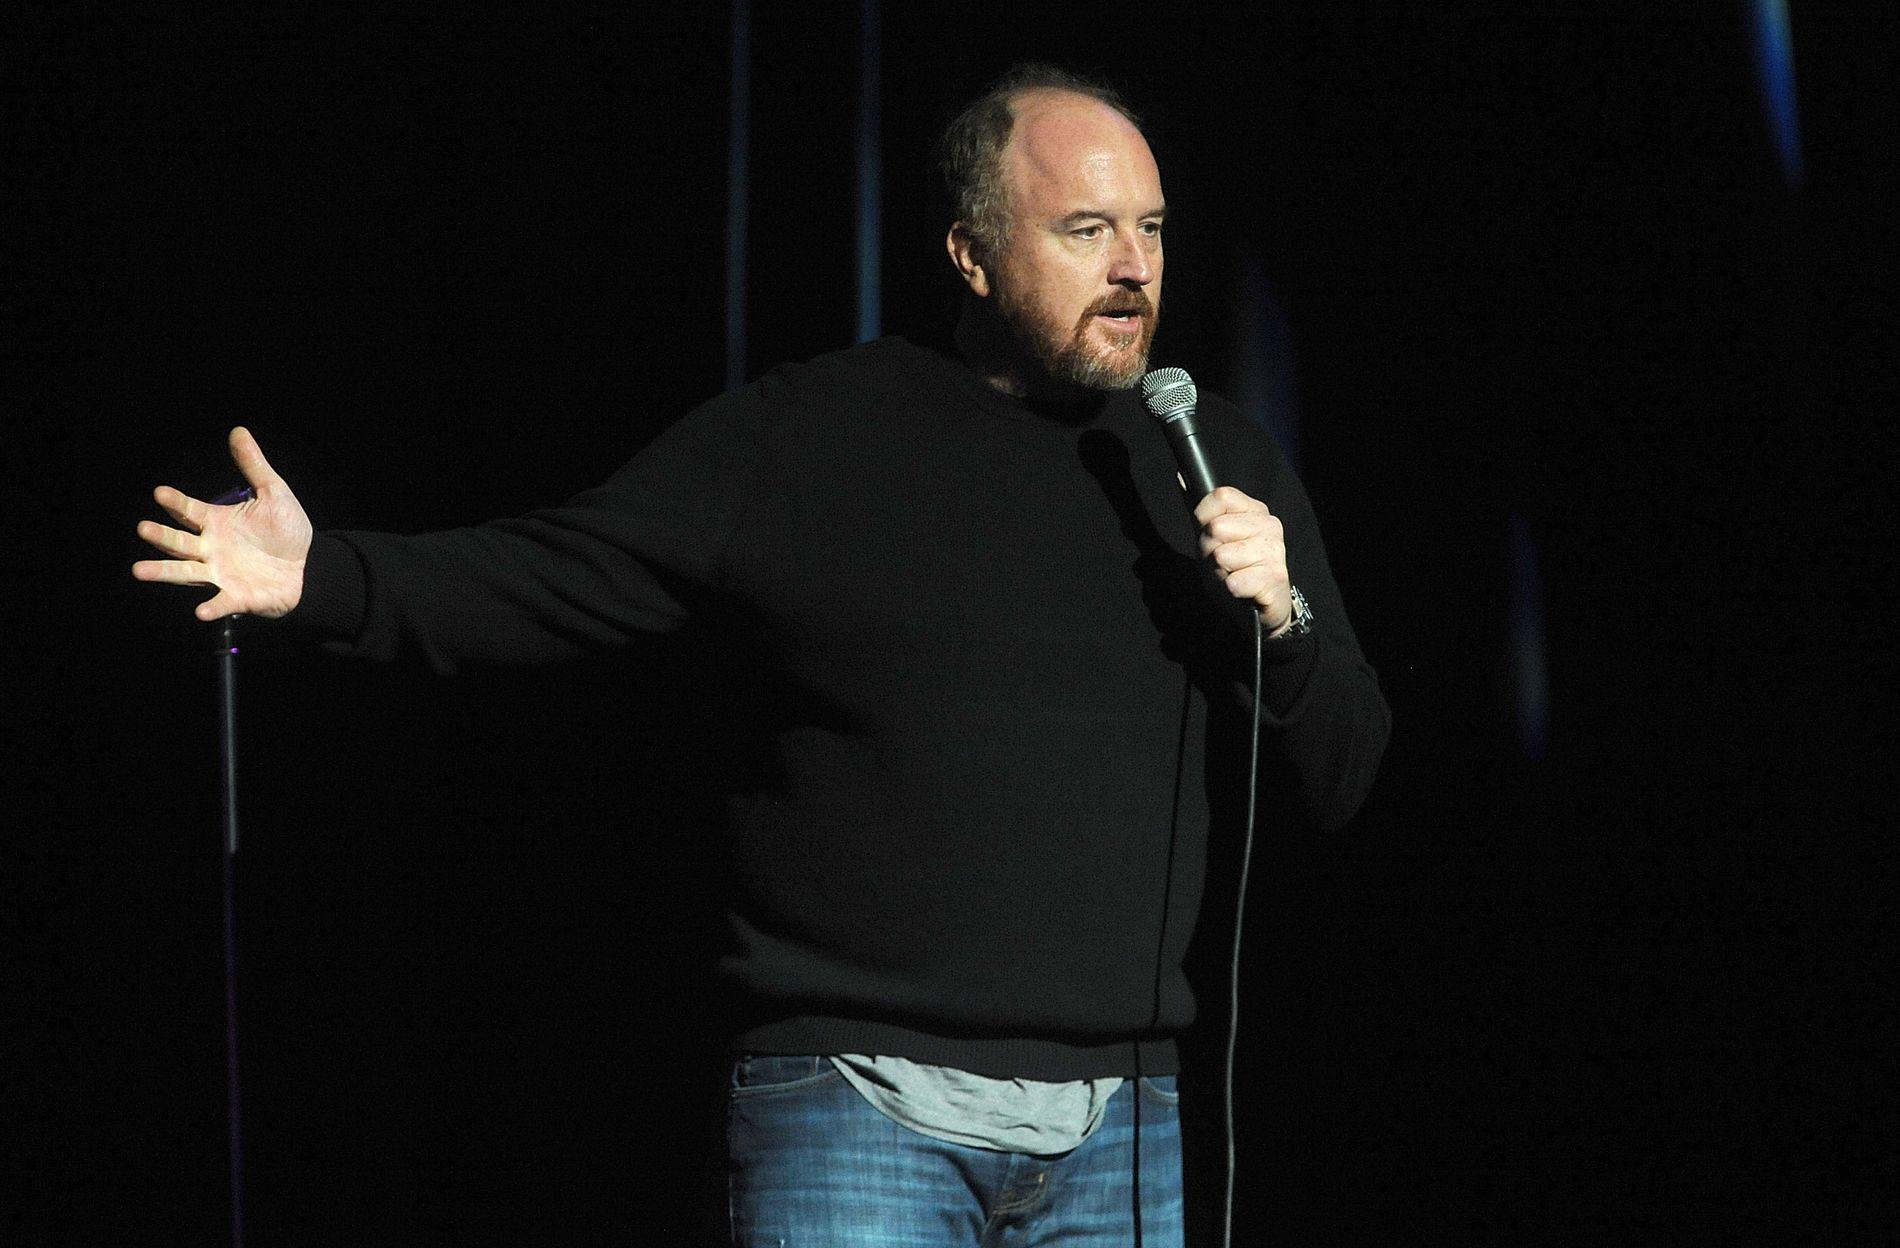 HAR GJORT OPP FOR SEG: Christoffer Schjelderup mener den verdenskjente komikeren Louis C.K. har gjort såpass opp for seg at det var greit å invitere ham til Bergen.